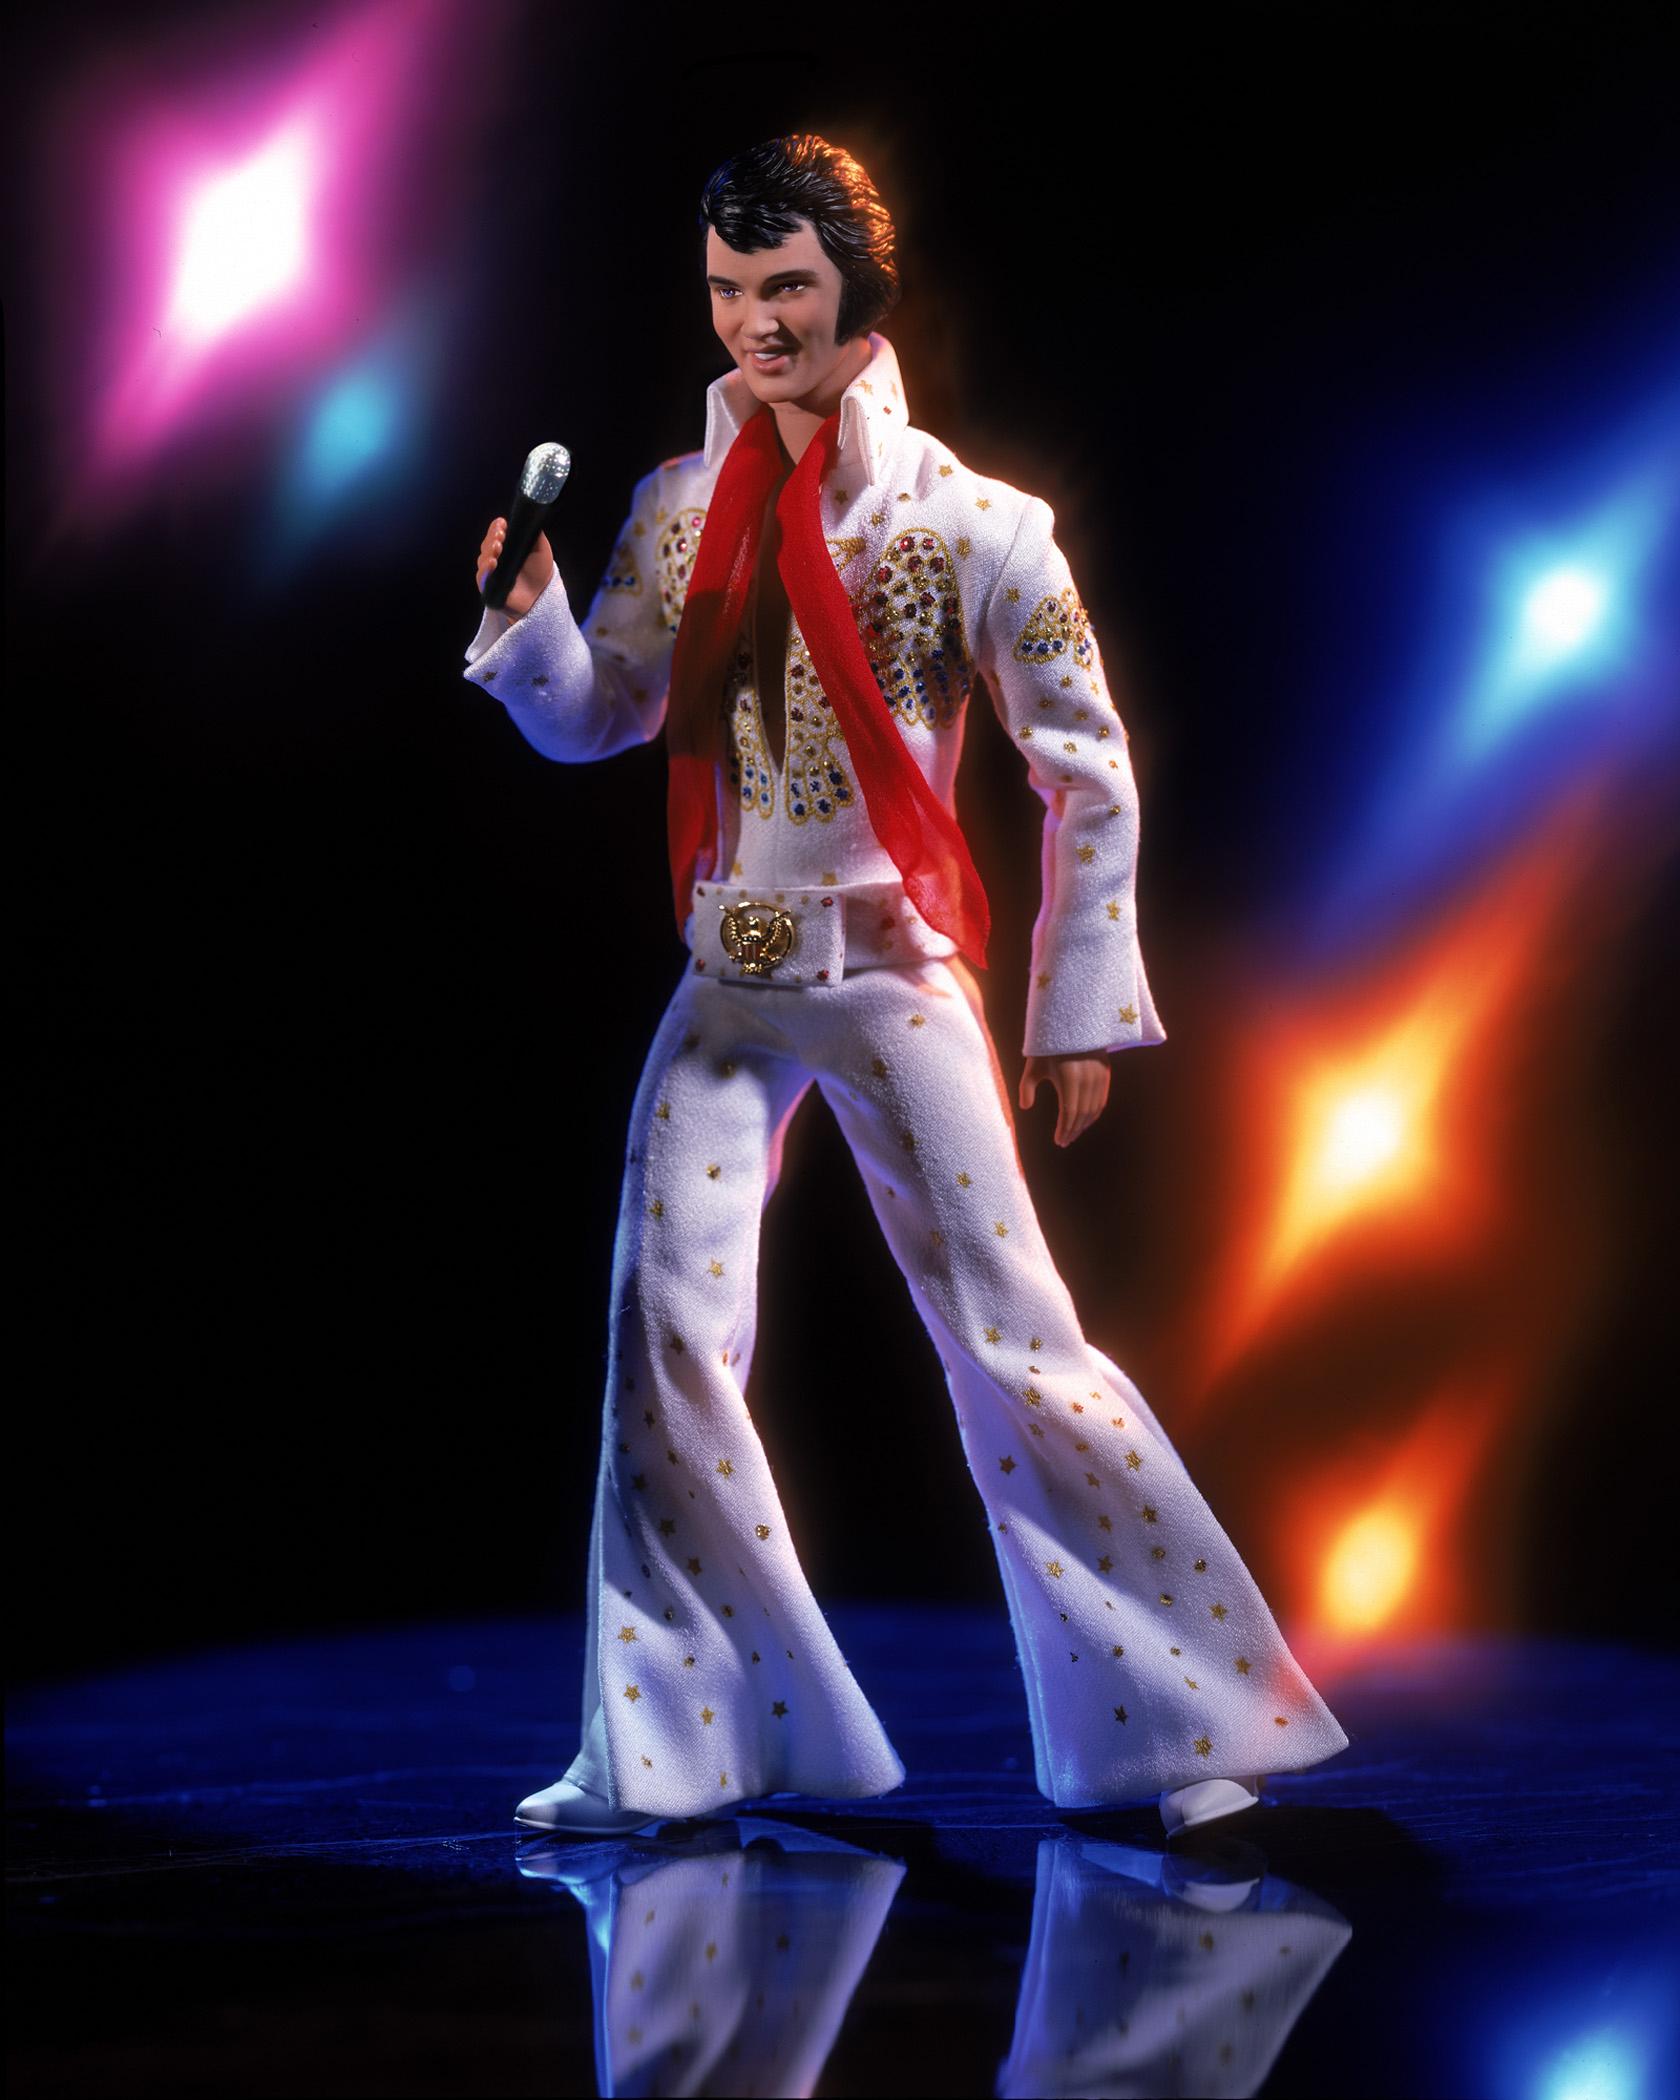 The Elvis Presley Barbie, released in 2001.